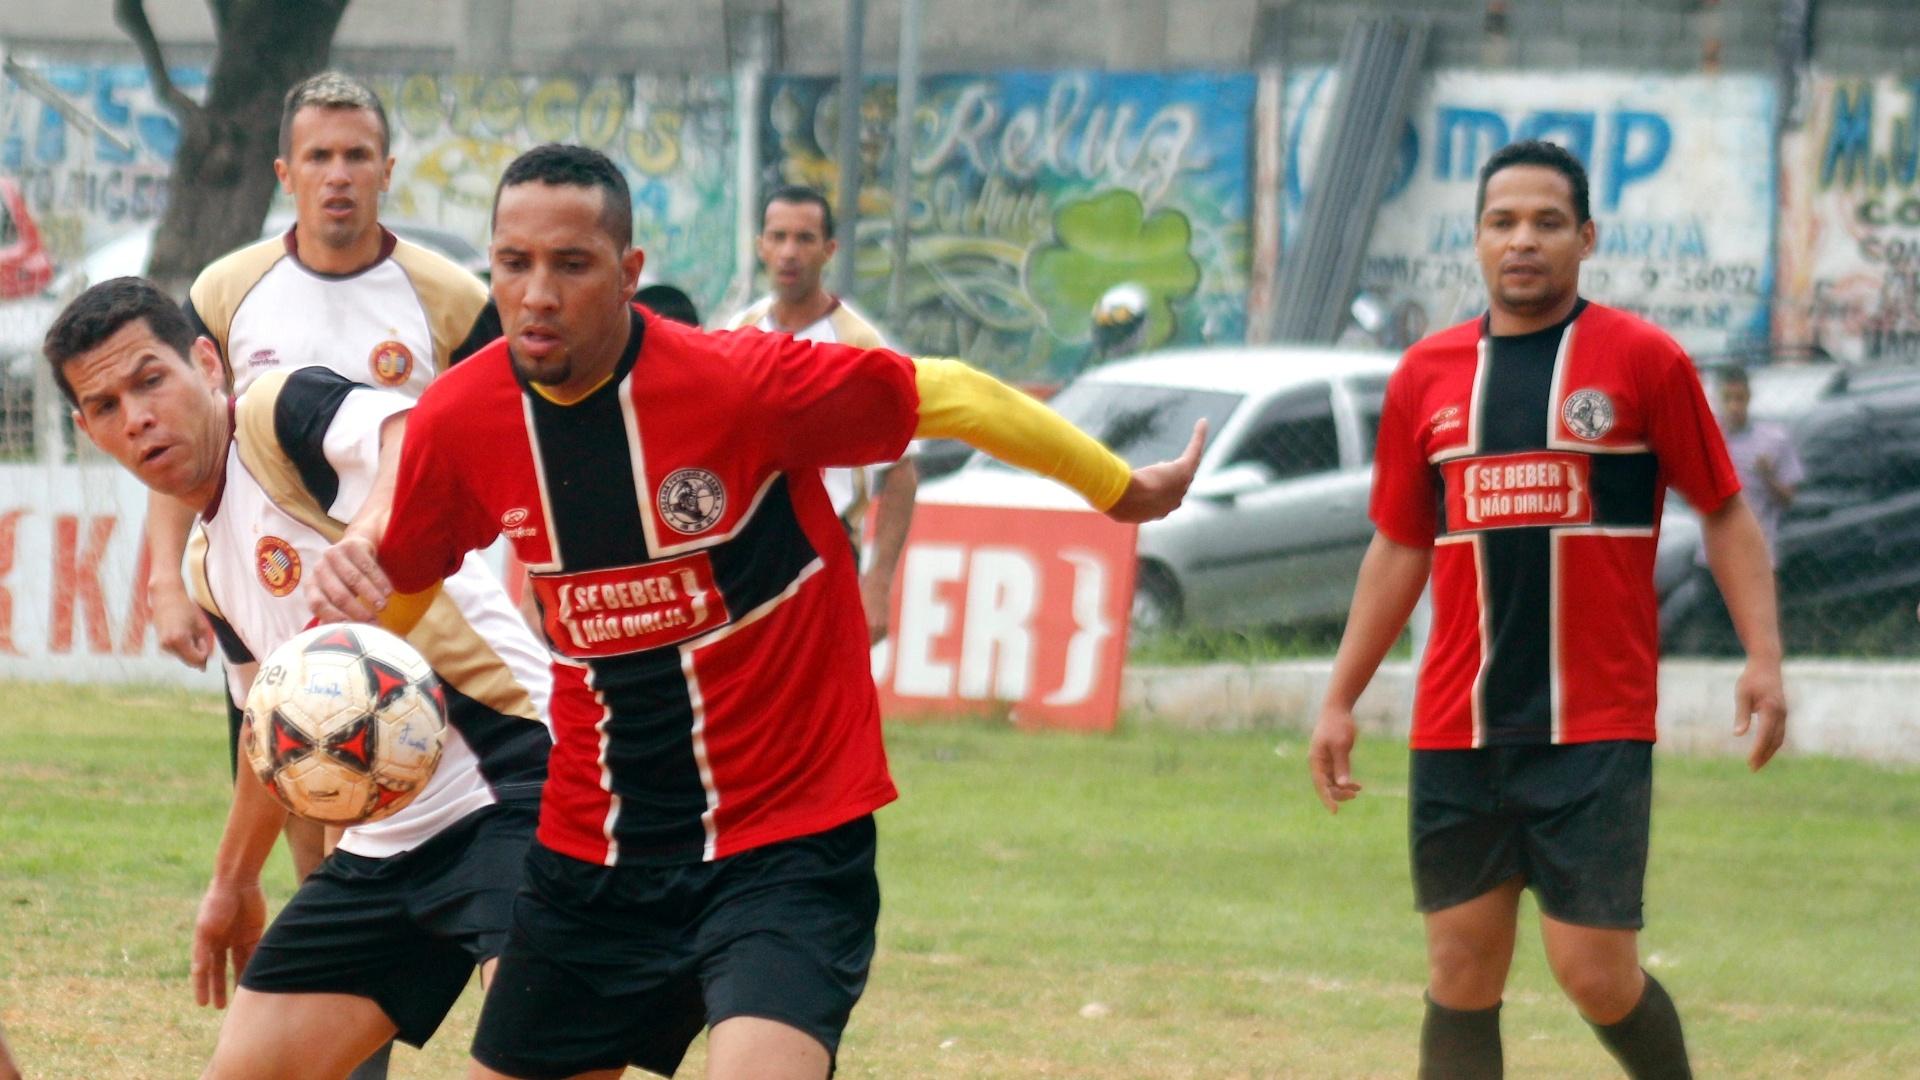 Meia do Jaçanã (vermelho) ganha jogada contra zagueiro do Juventus (branco)